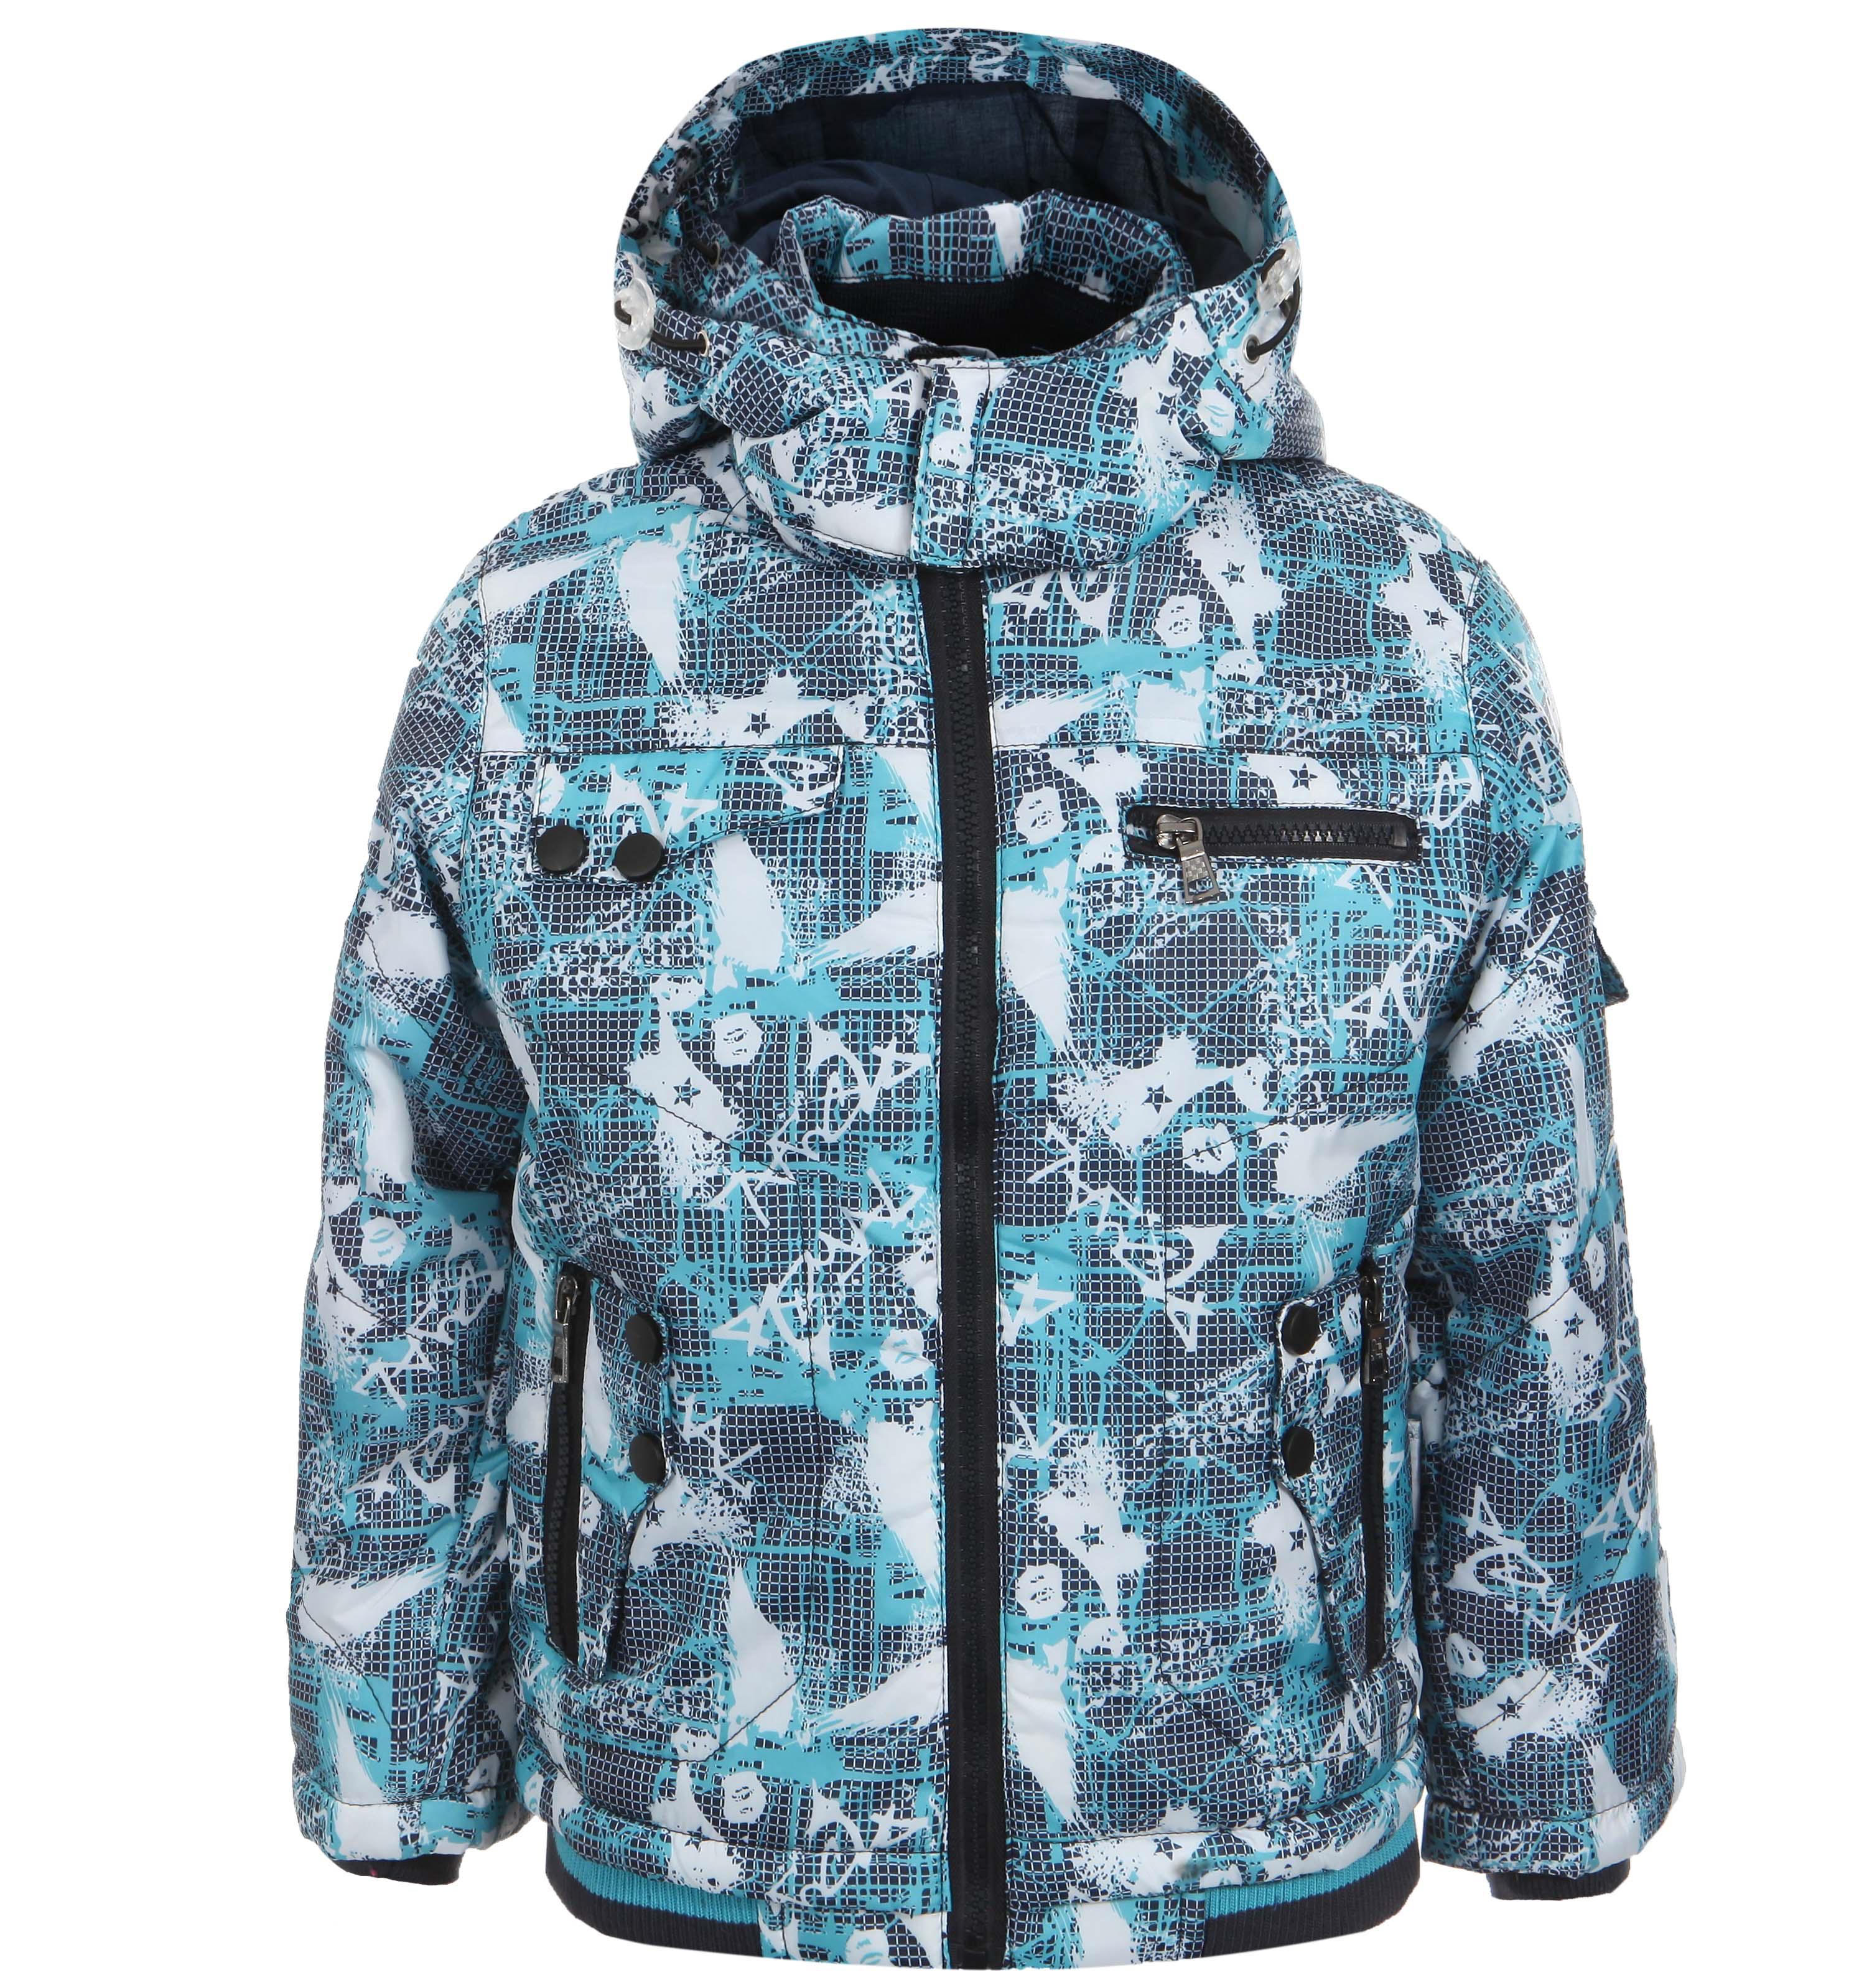 Custom made jackets (39)